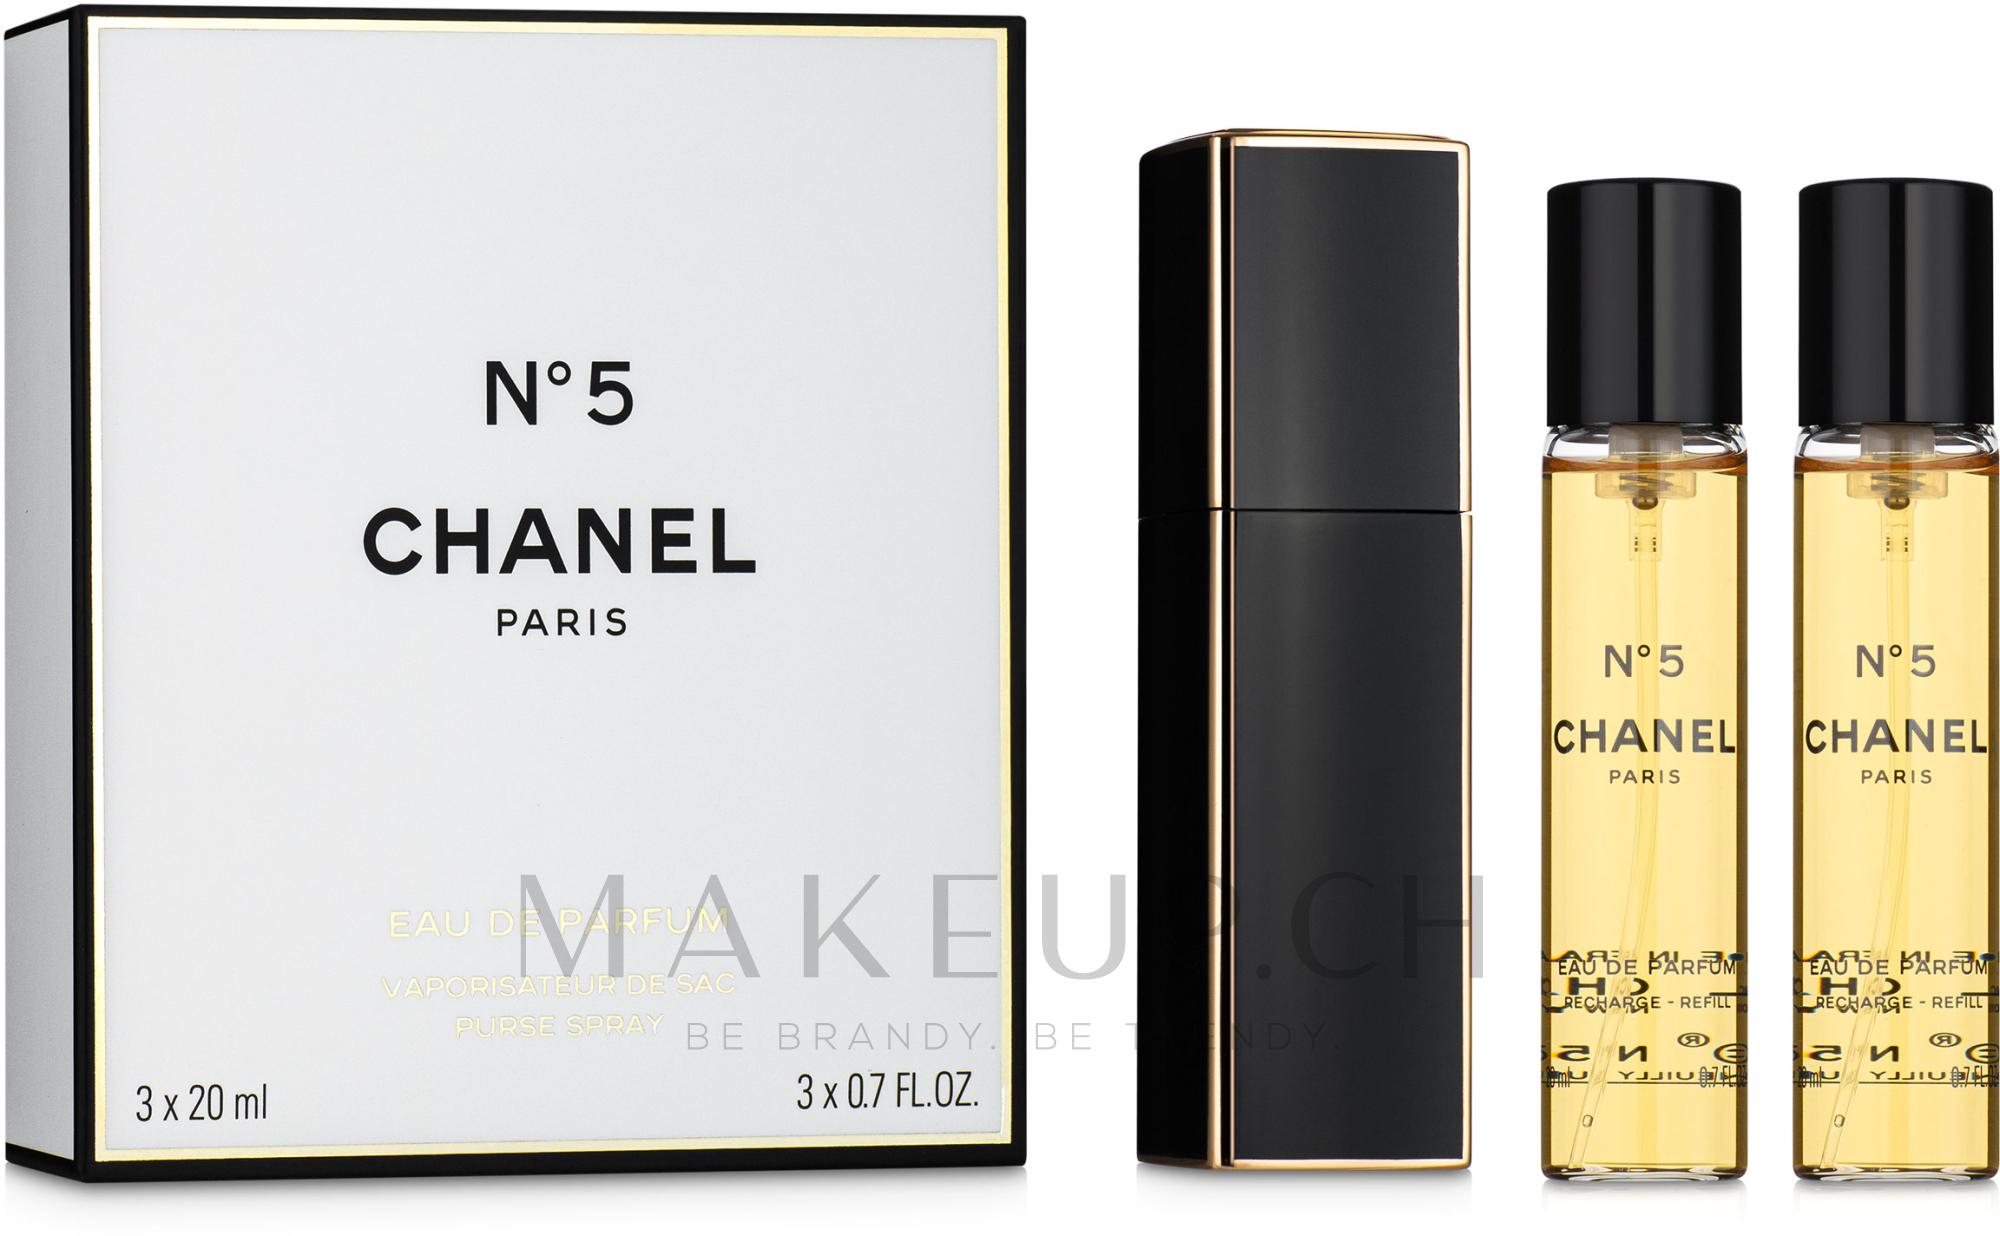 Chanel N5 Purse Spray - Eau de Parfum (2x20ml Refill + Parfümzerstäuber) — Bild 3x20 ml